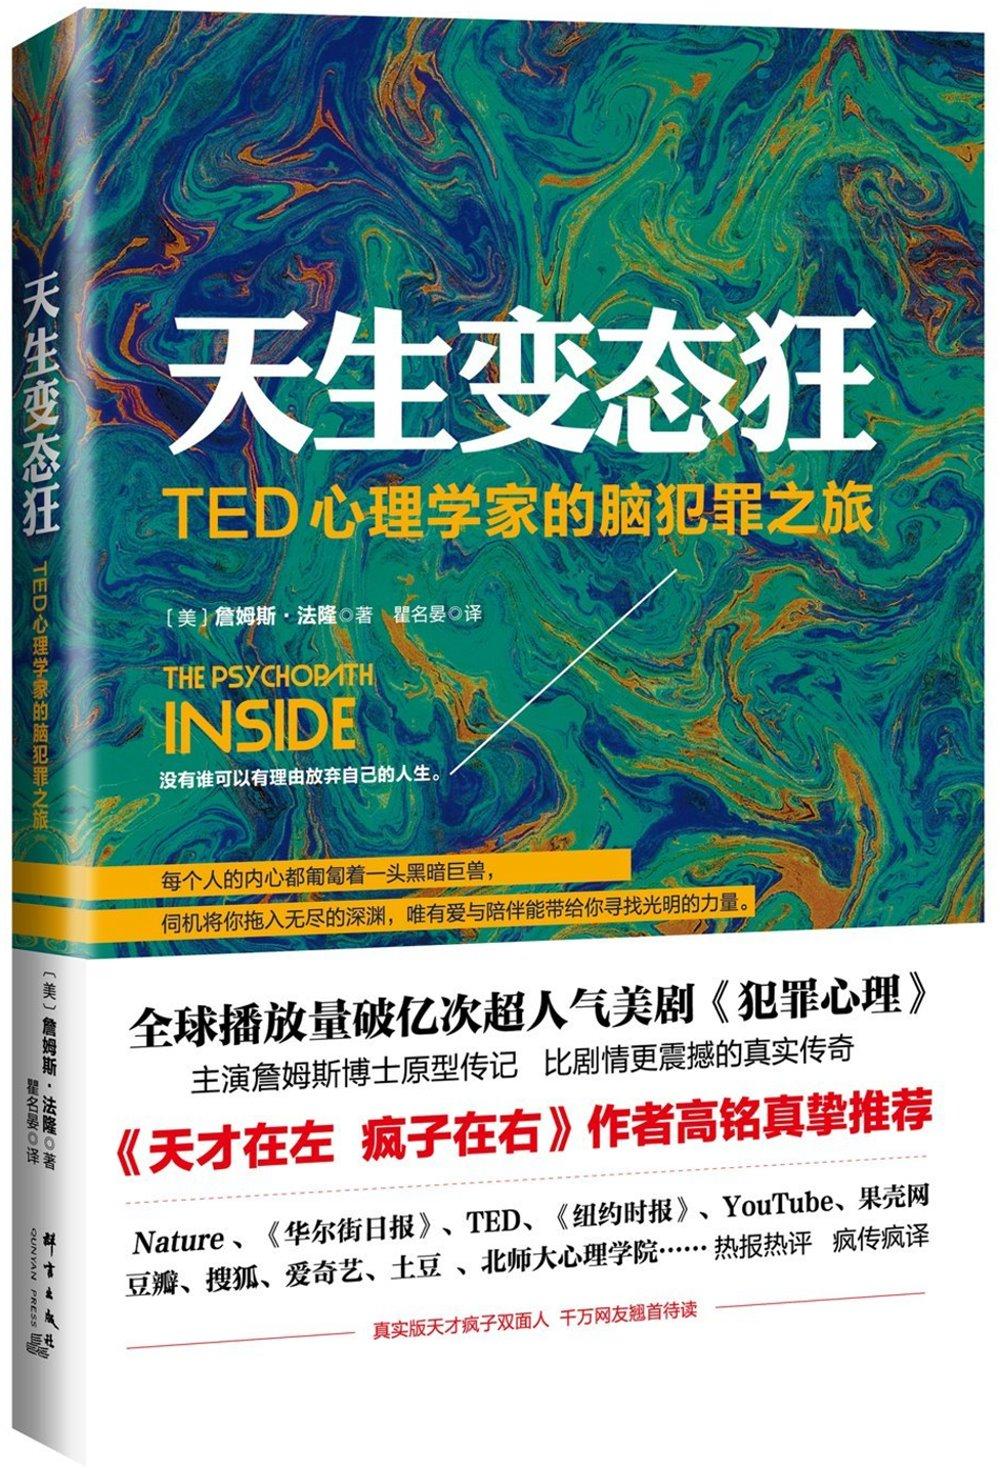 天生變態狂:TED心理學家的腦犯罪之旅